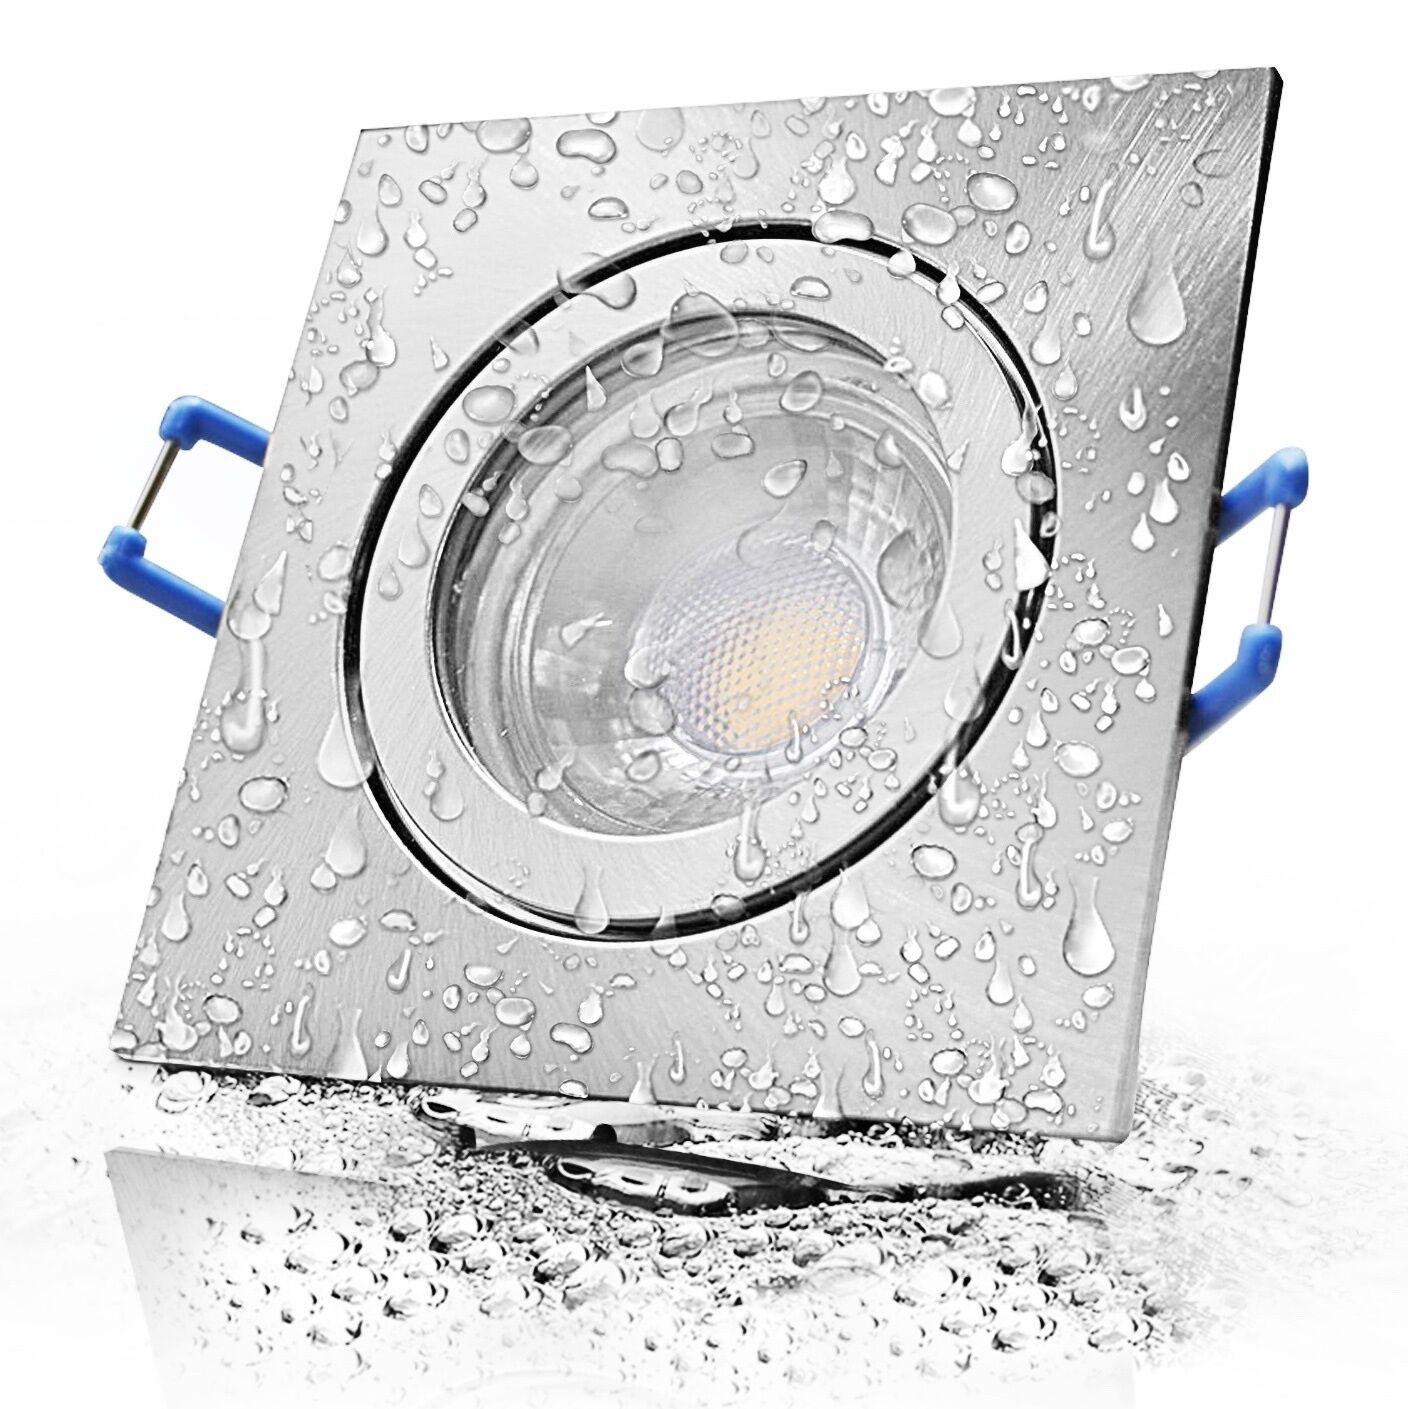 IP44 LED Badezimmer Einbauleuchten     Feuchtraum   Innen & Aussen & Vordach   5W   | Online Shop  | Preiszugeständnisse  | Moderne Muster  c6ca3e